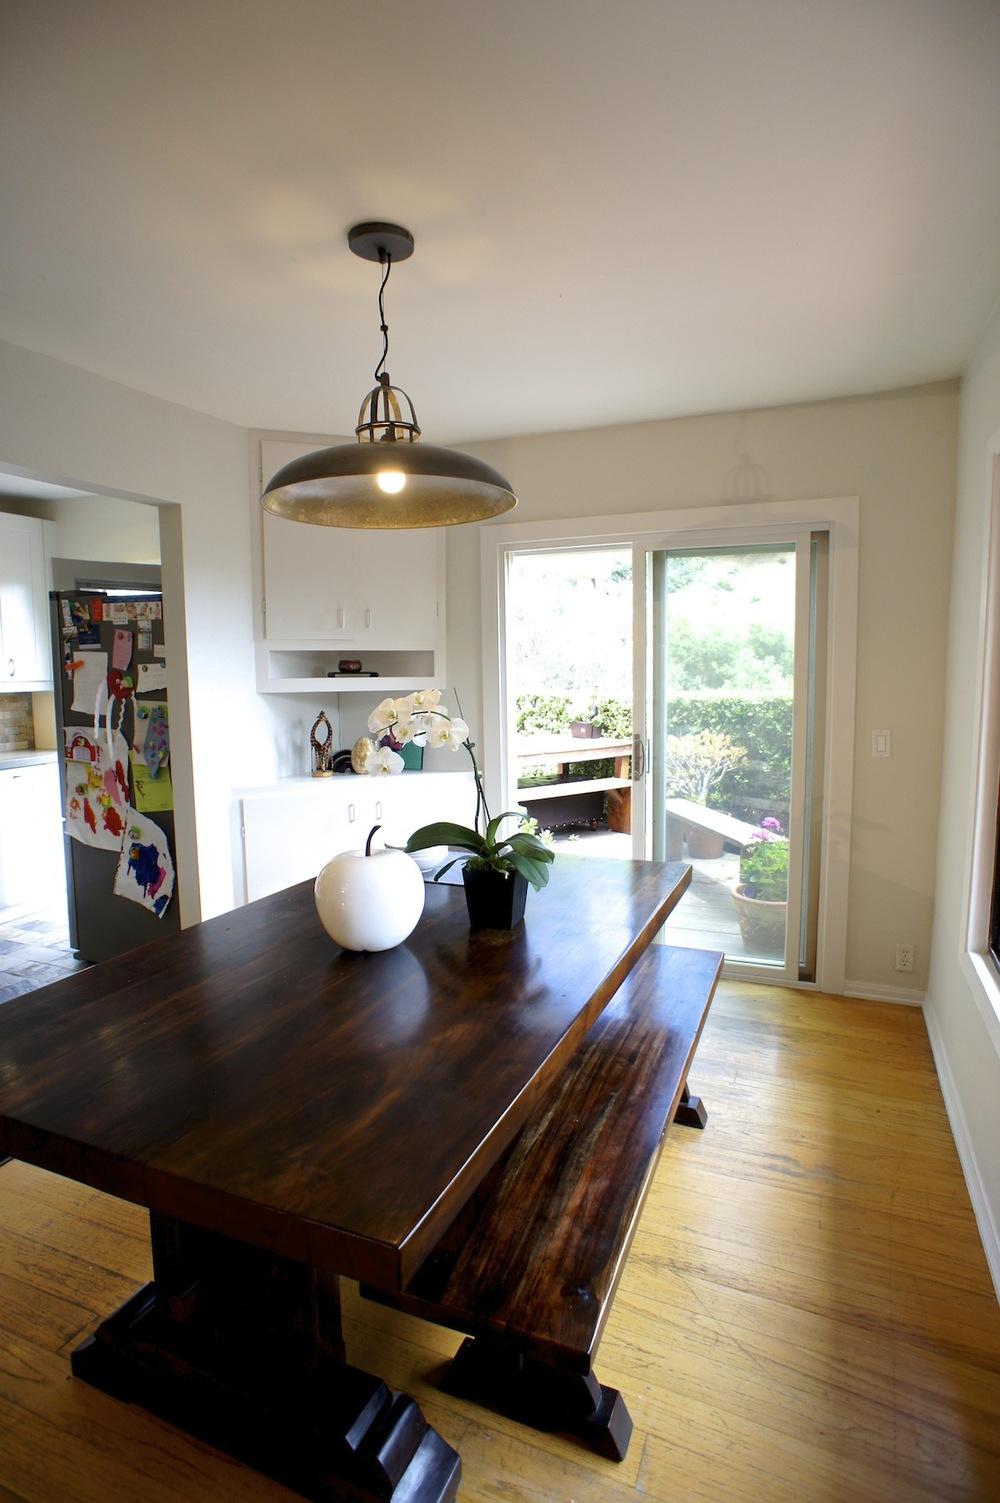 Dining Room - 1.jpg